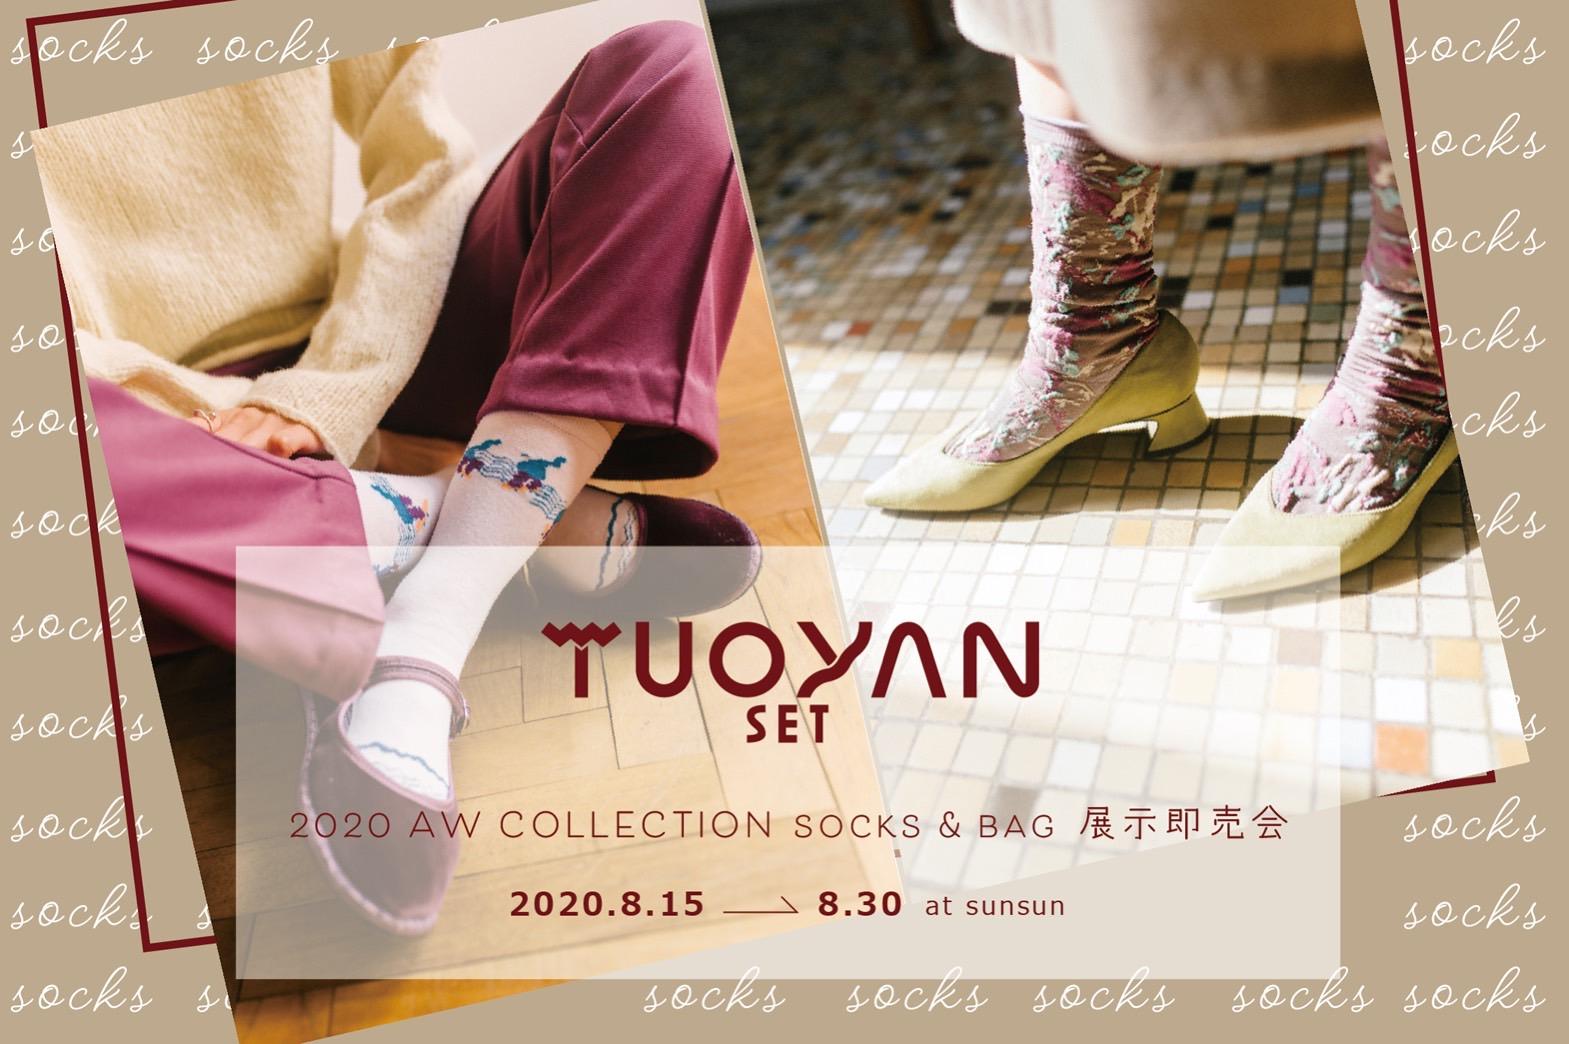 TUOYAN SET 2020 秋冬靴下コレクションのDM画像(2020年8月15日~8月30日まで)